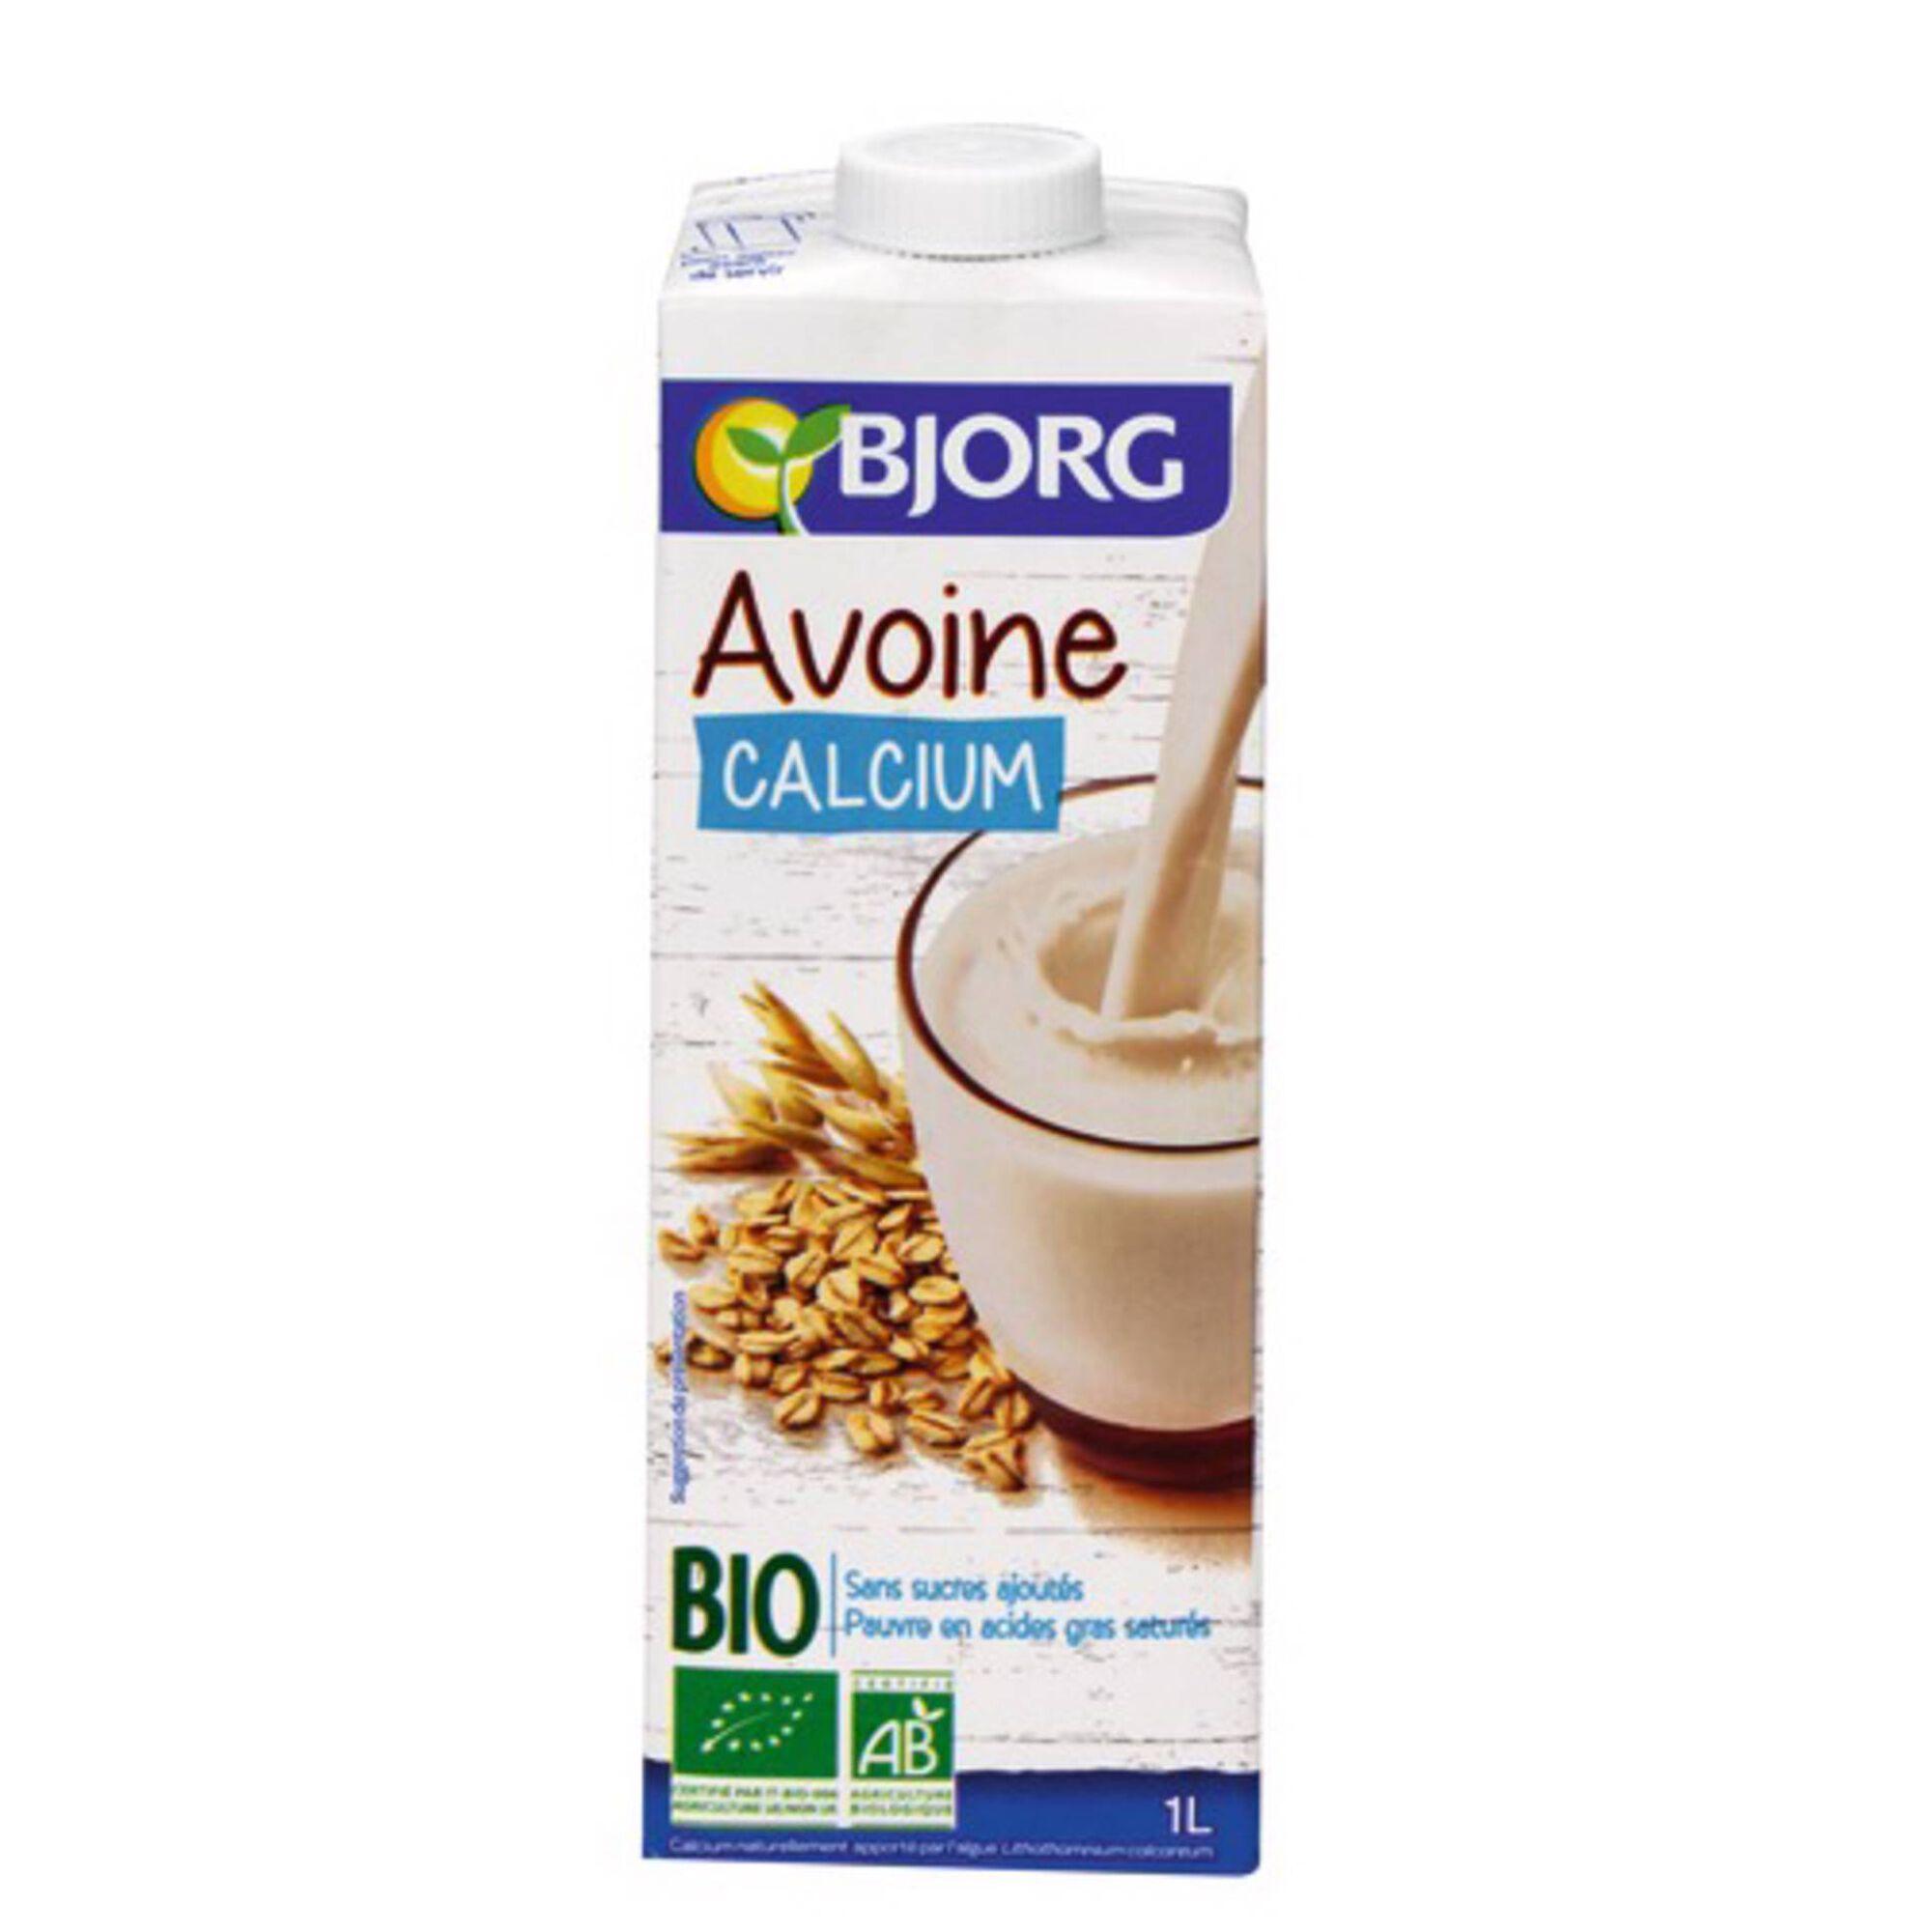 Bebida Vegetal de Aveia e Cálcio Biológica